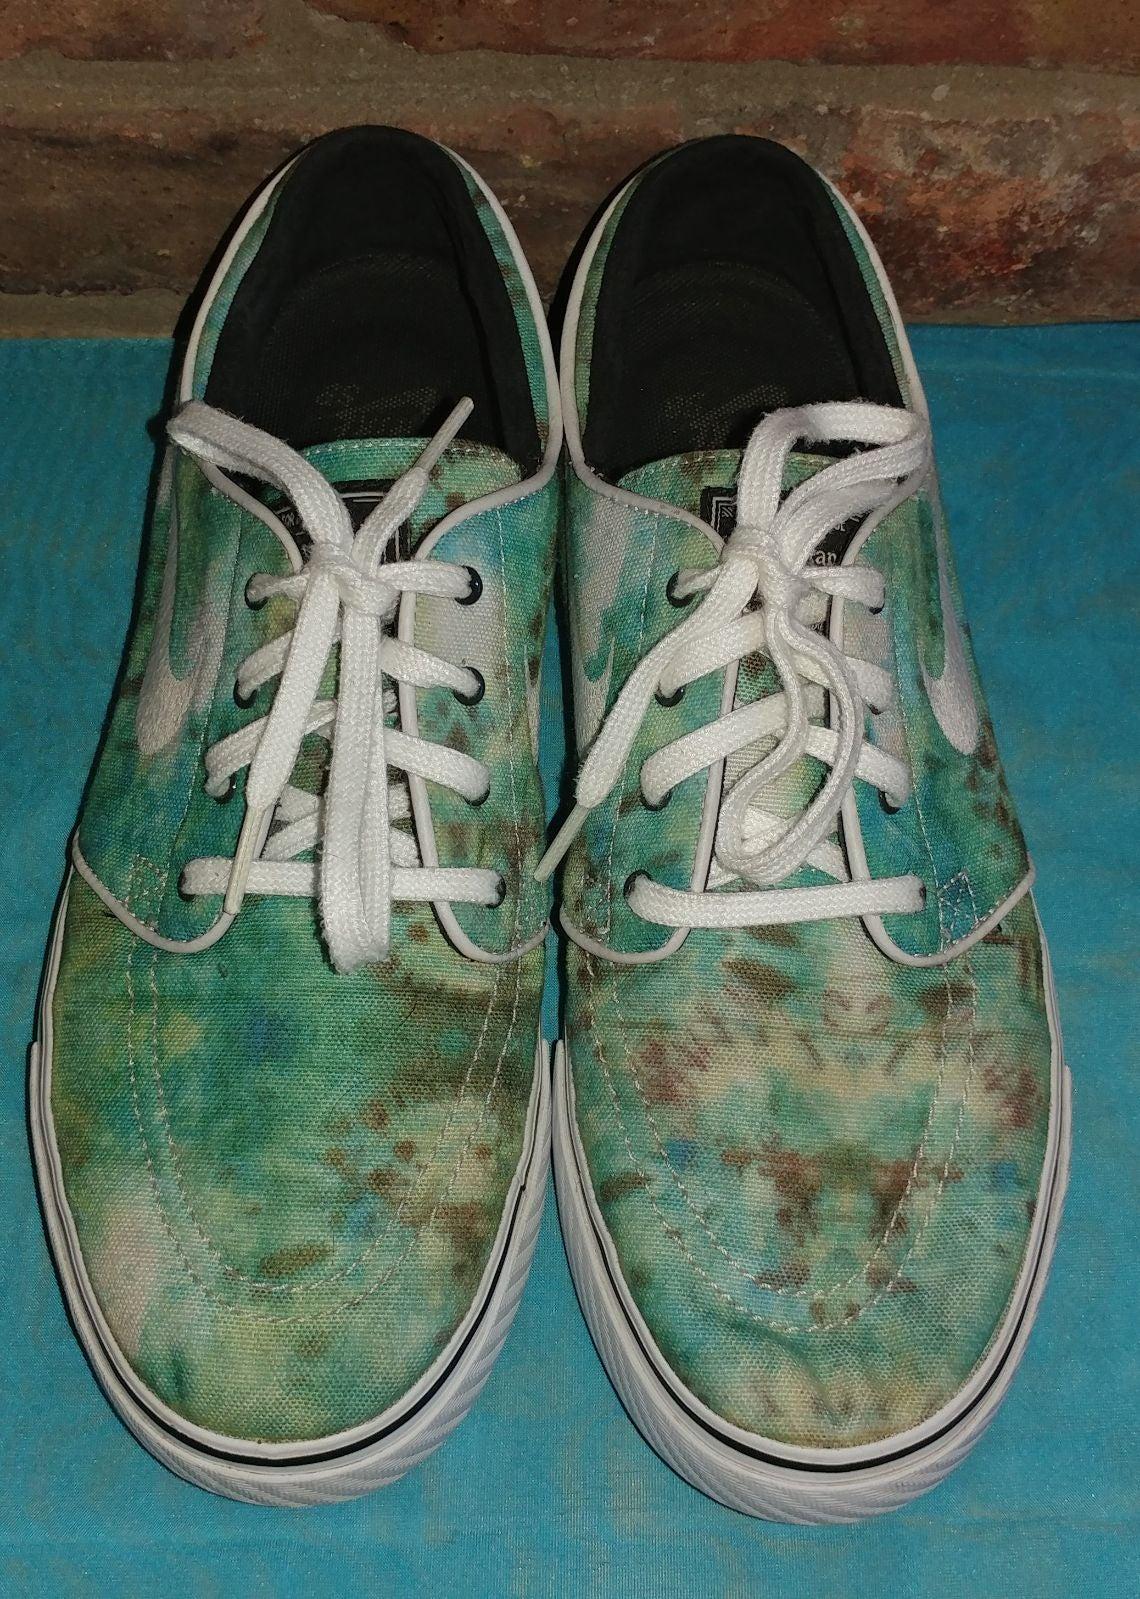 Nike Stephan Janoski Tie Dye Shoes 8.5